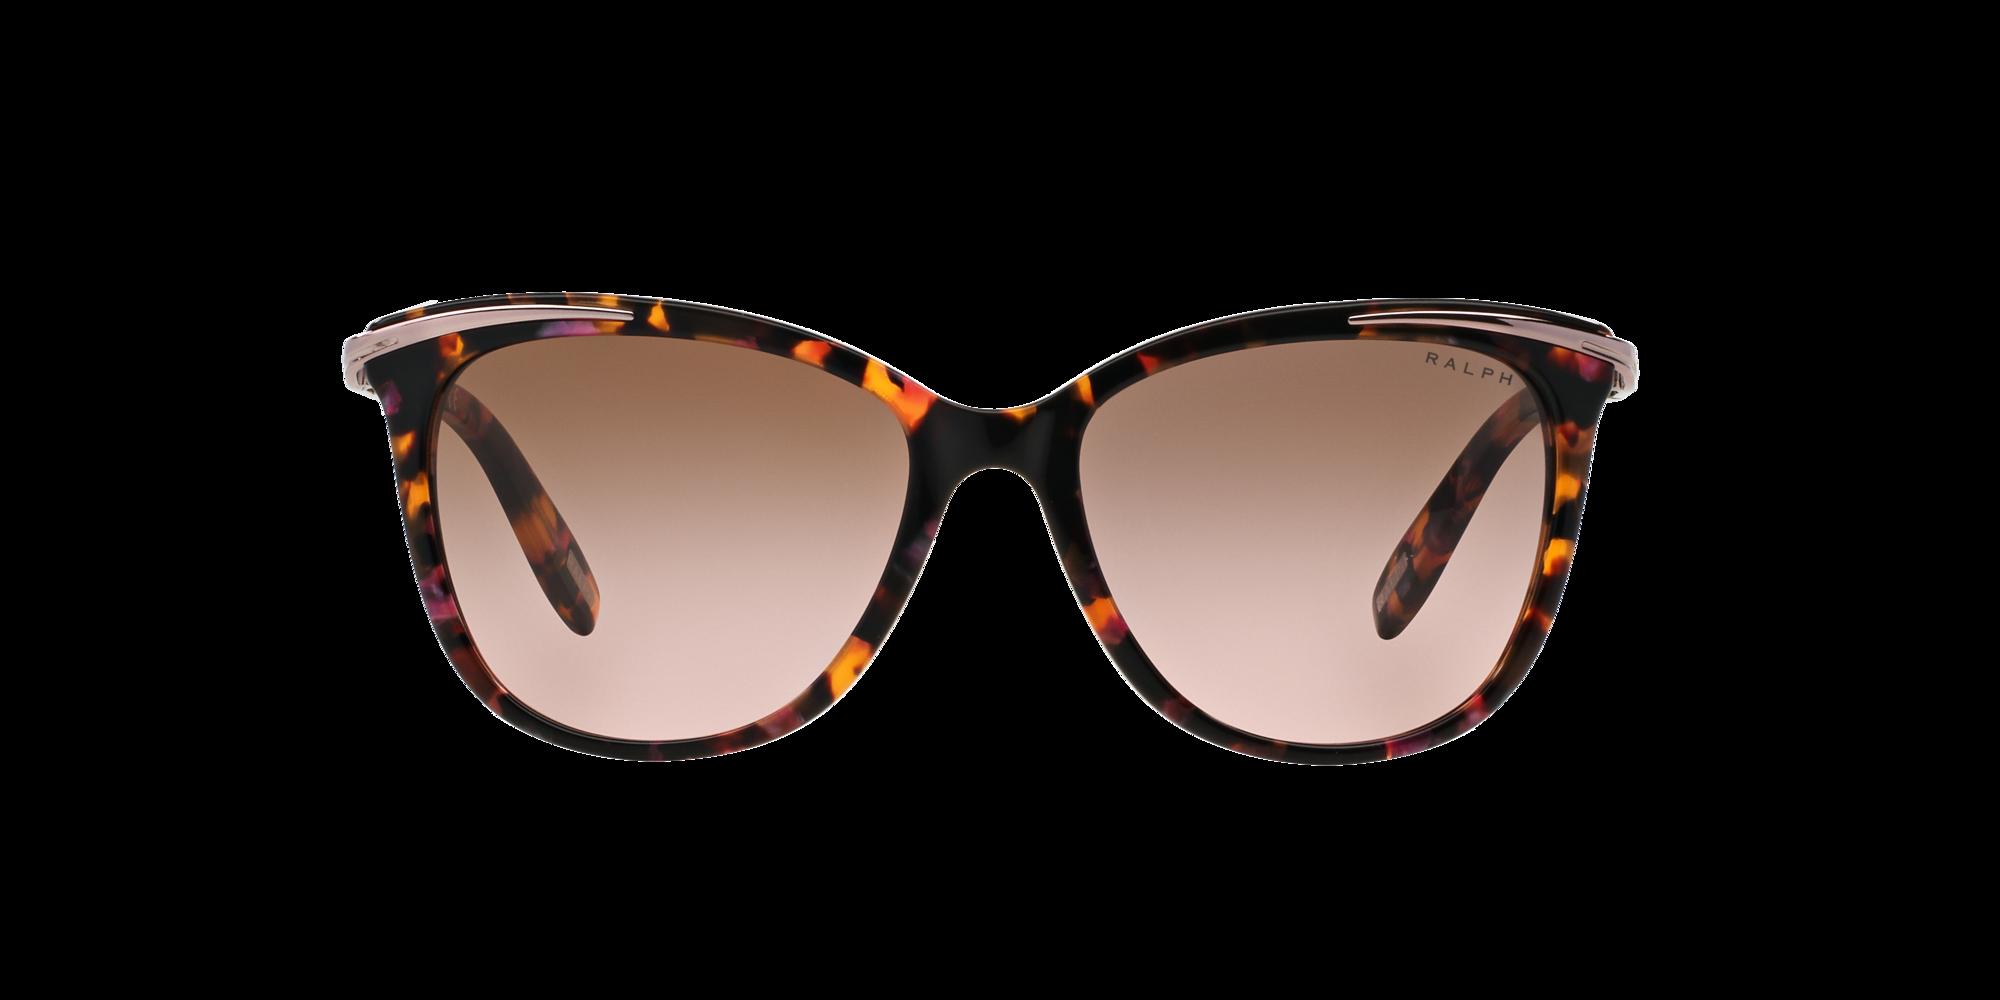 Imagen para RA5203 54 de LensCrafters |  Espejuelos, espejuelos graduados en línea, gafas